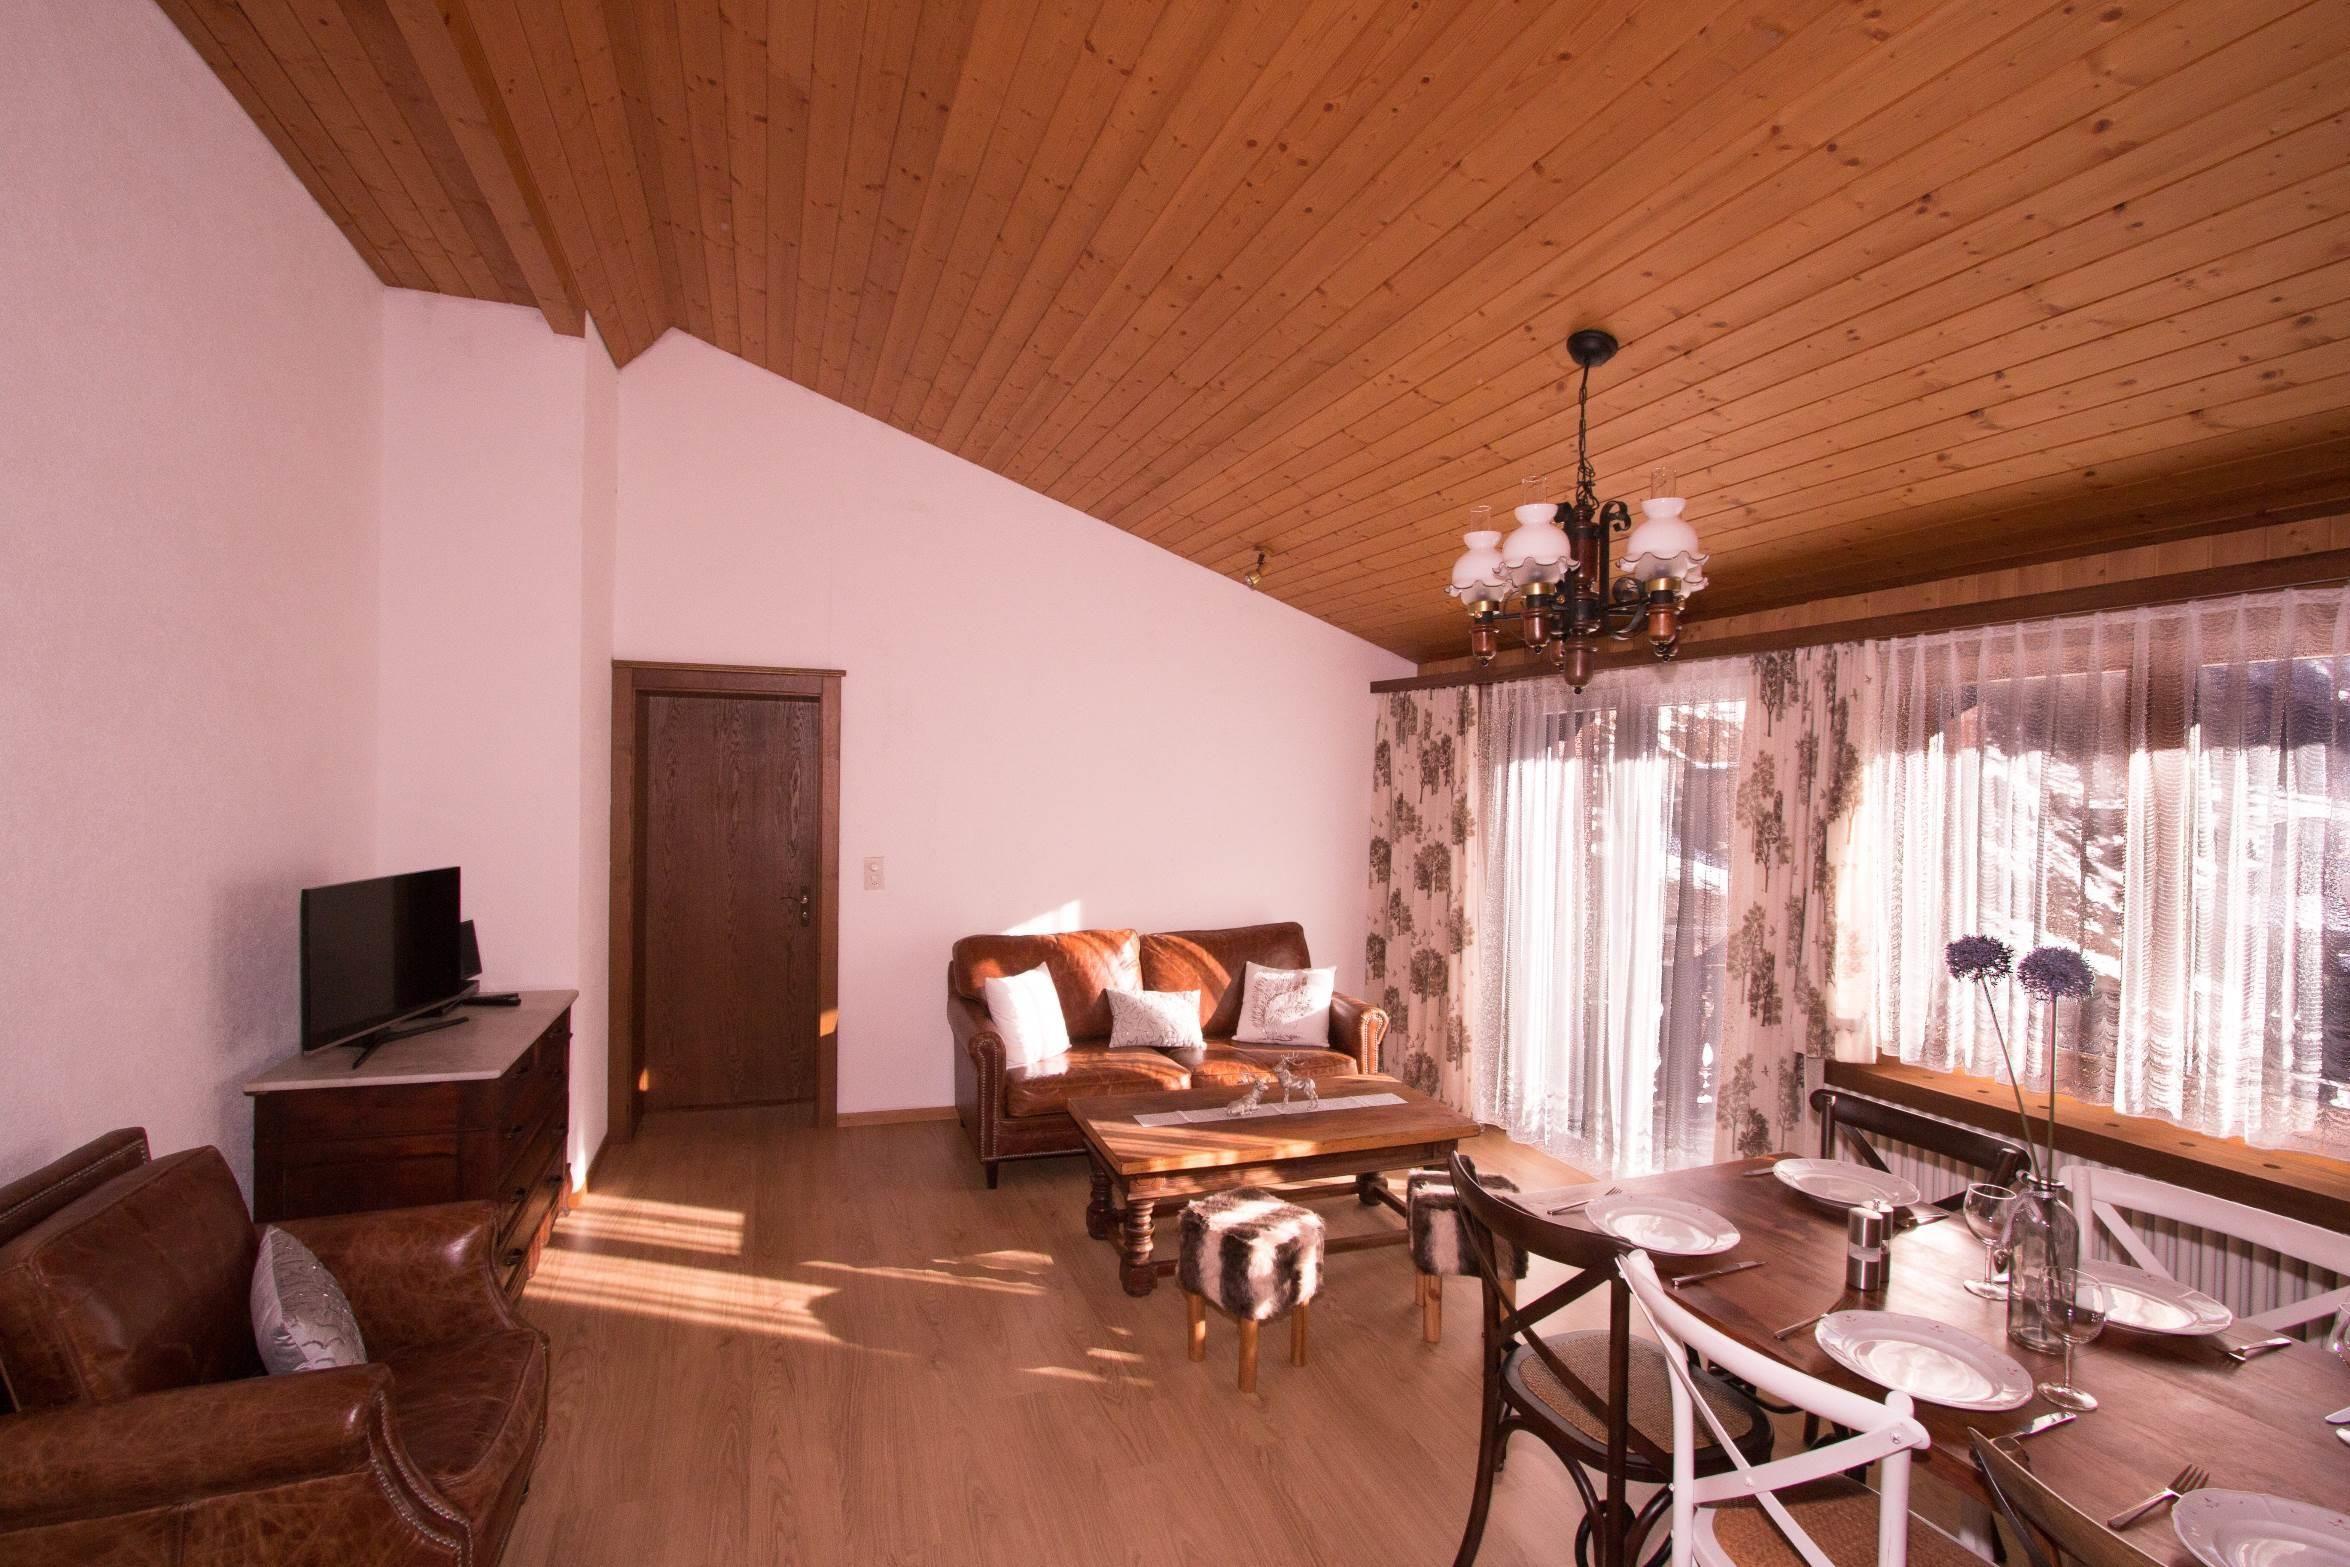 Wohnzimmer Grossaufnahme vom Flur - Ferienwohnung